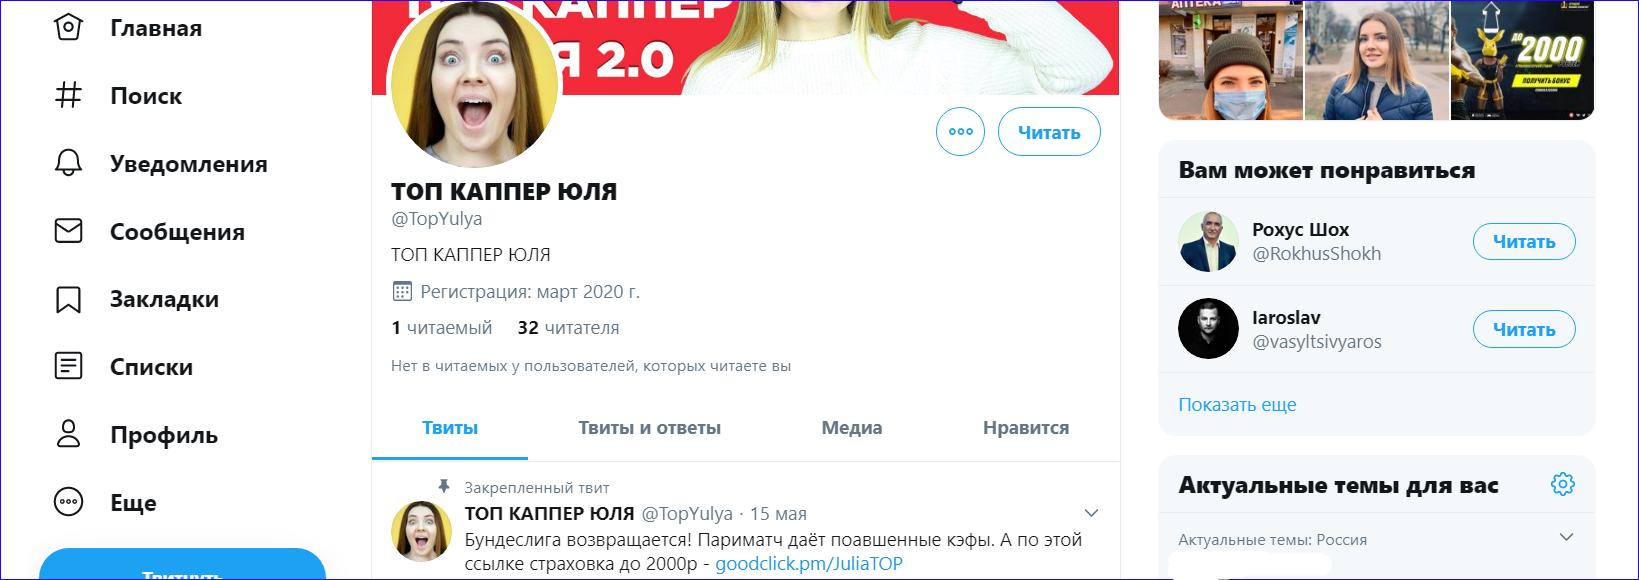 Профиль в Twitter